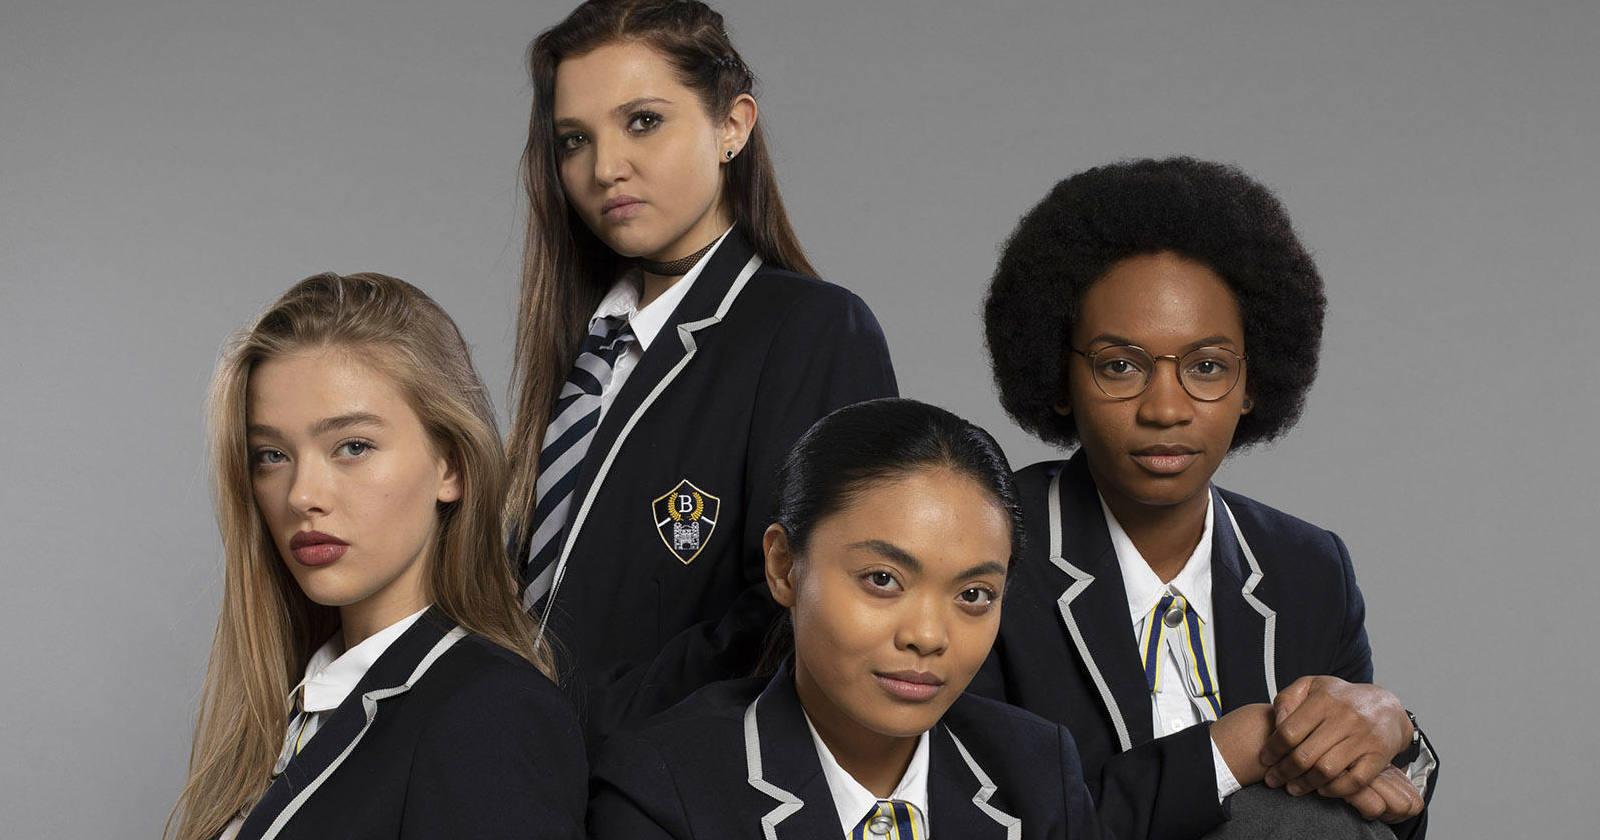 Get Even: así es la nueva serie británica que coprodujo Netflix y la BBC